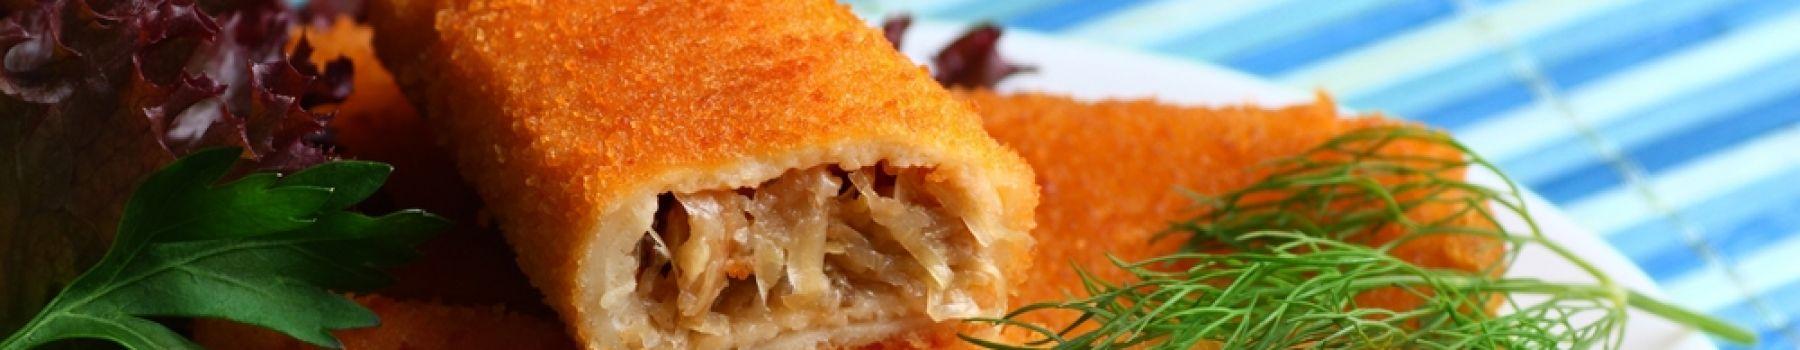 Potrawy postne nie muszą być nudne: krokiety z kapustą i grzybami